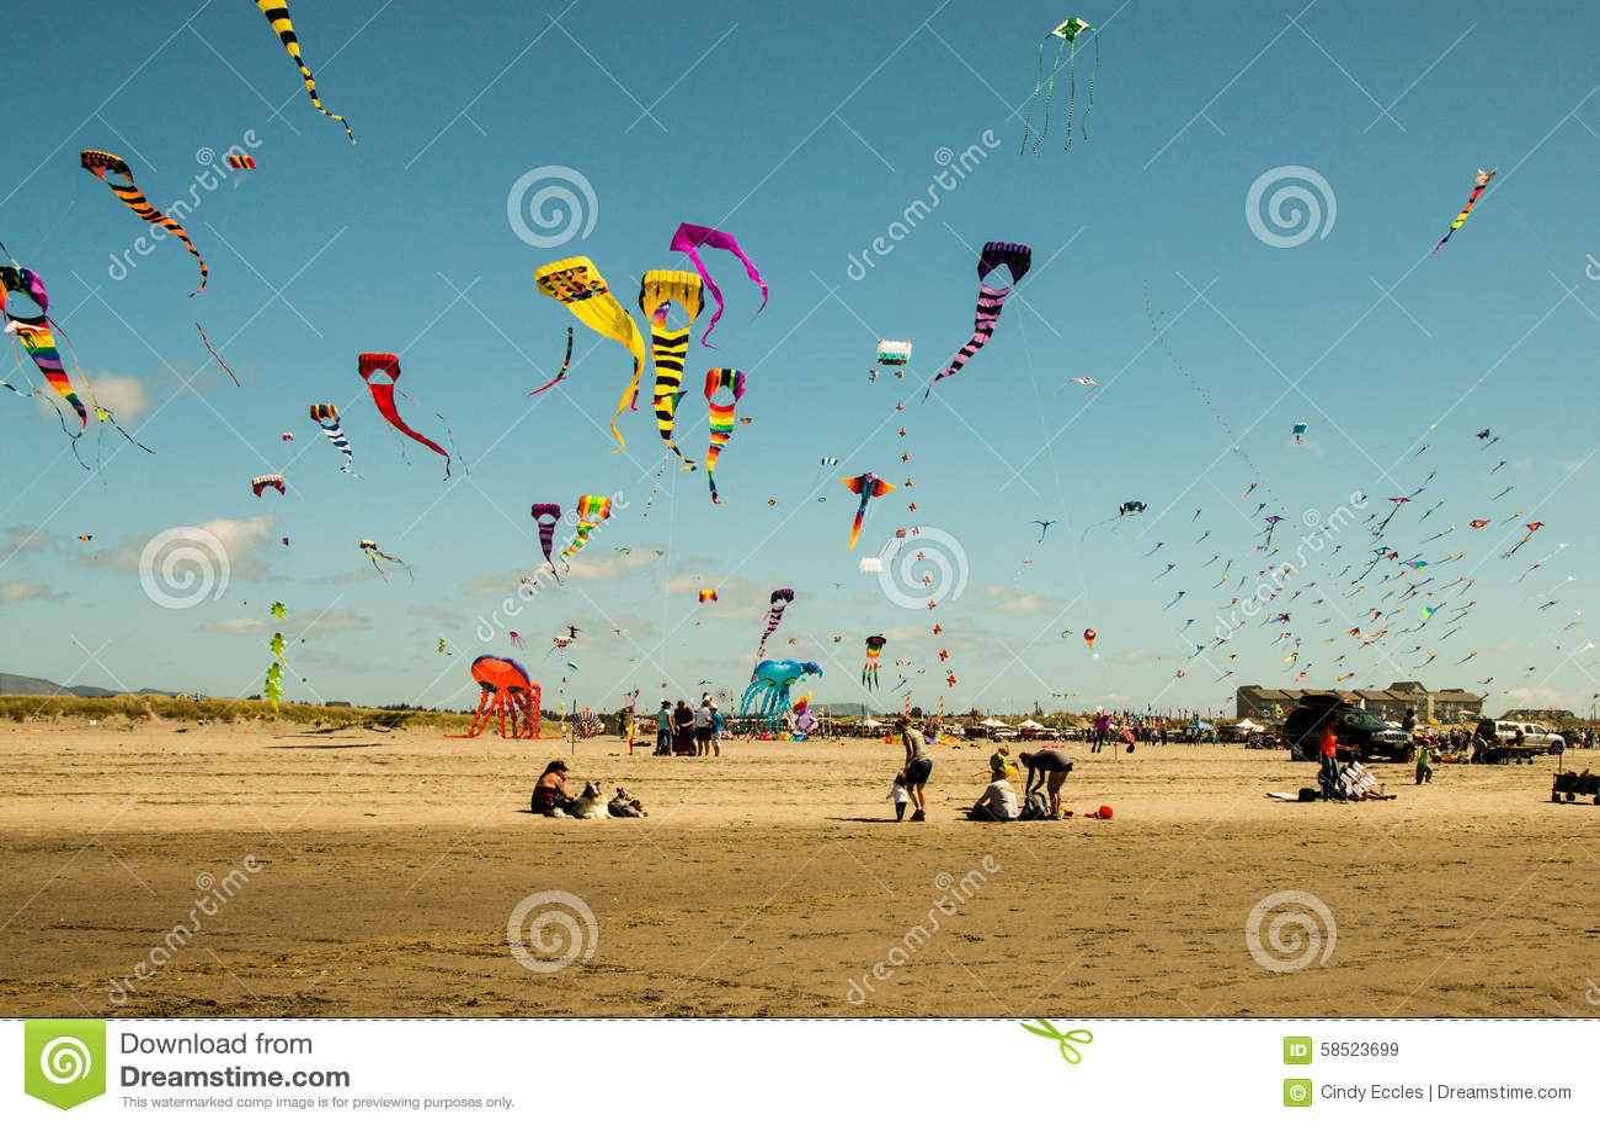 Concurrence de vol de cerf-volant à la plage